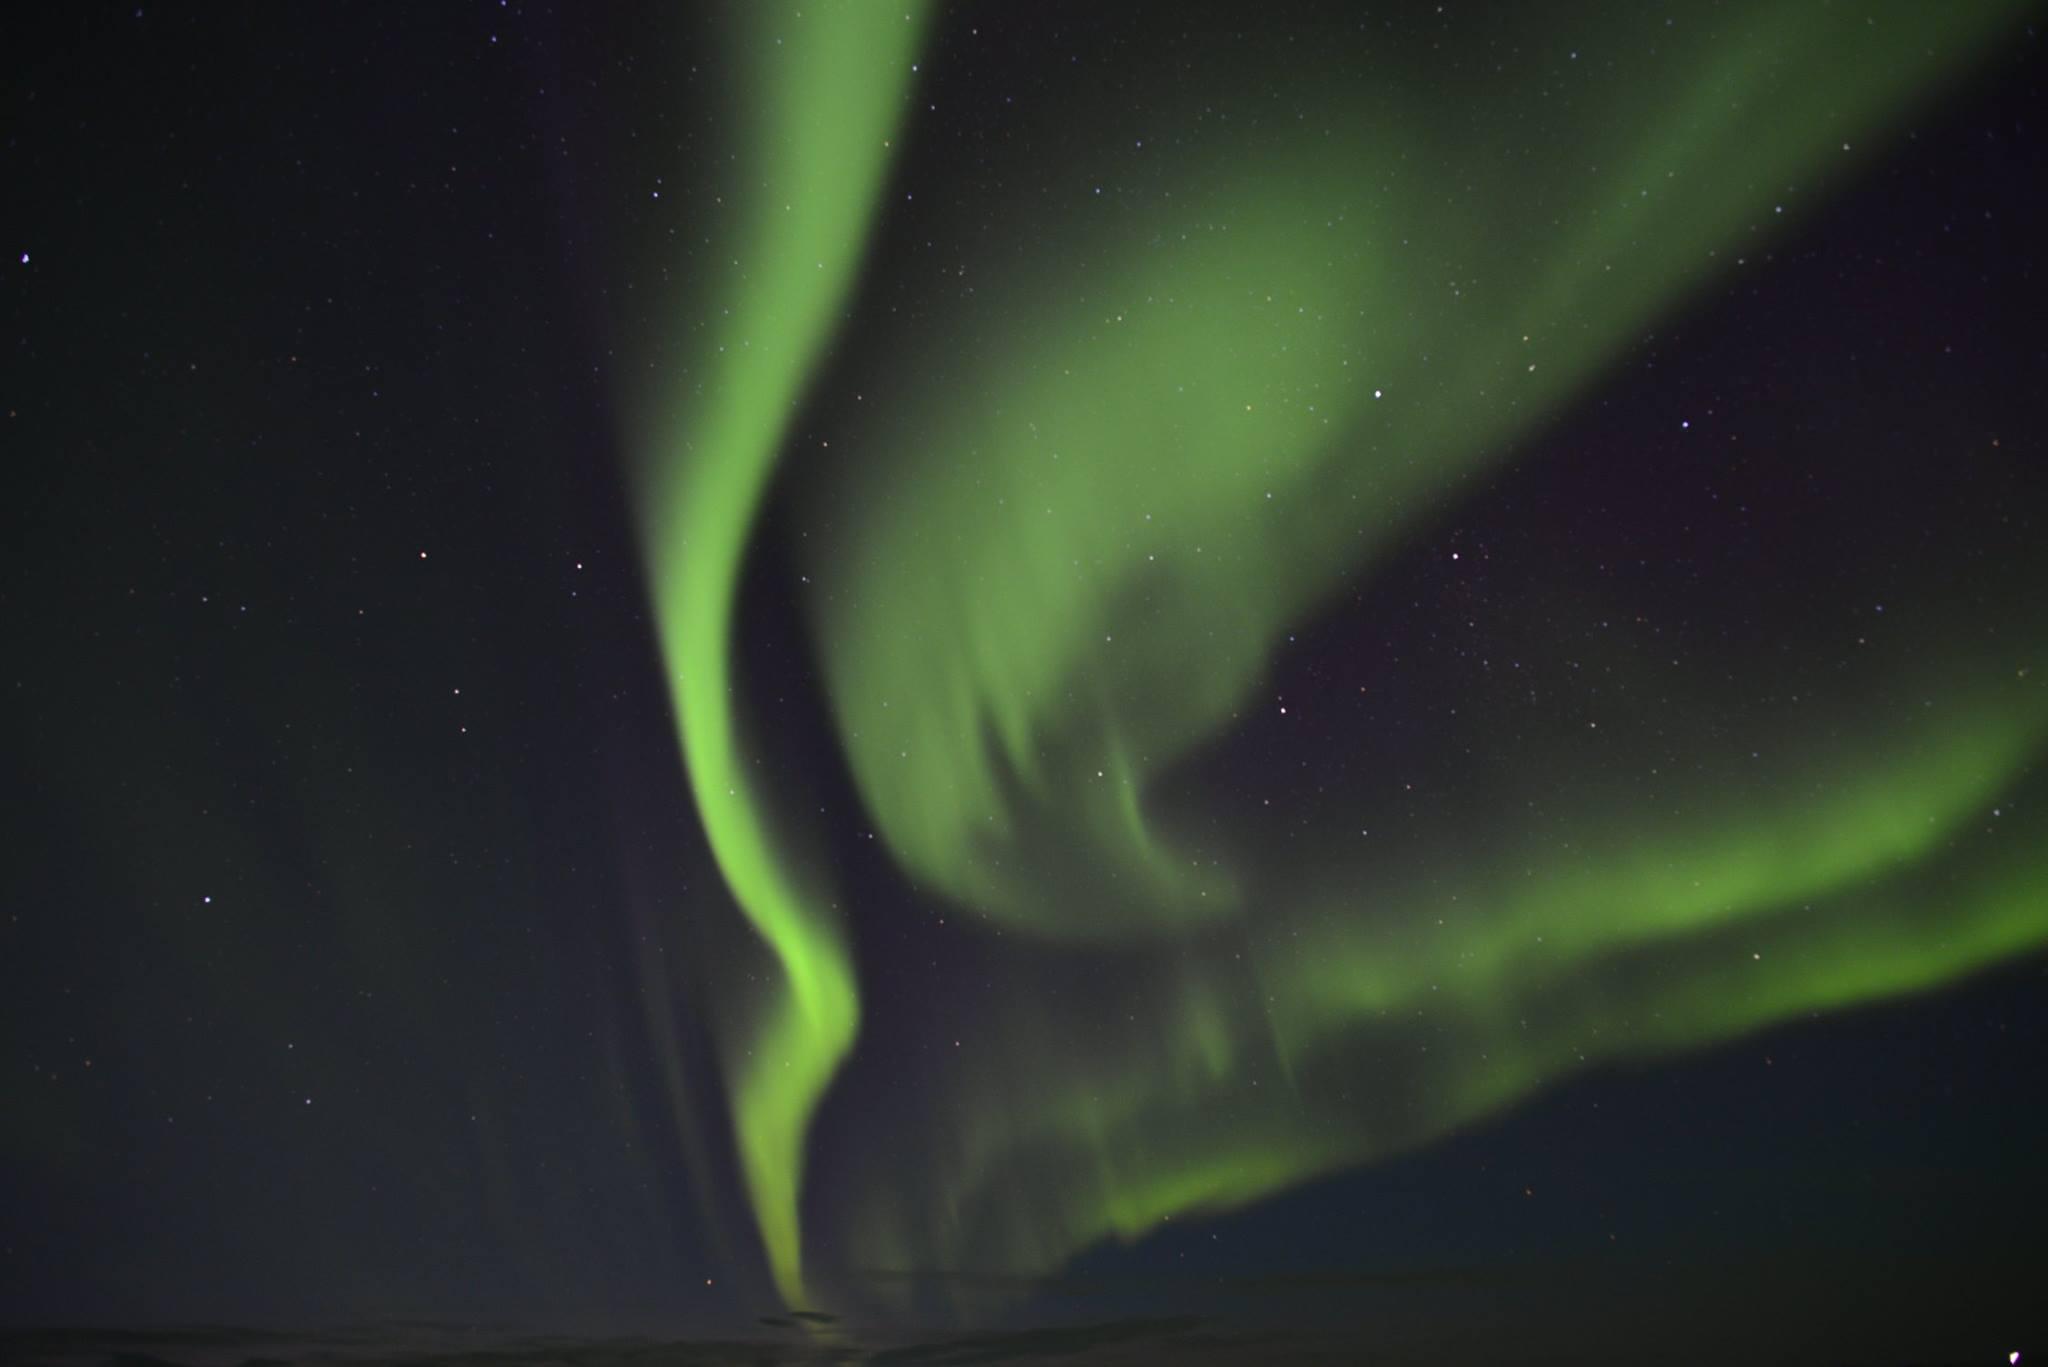 אורות הצפון